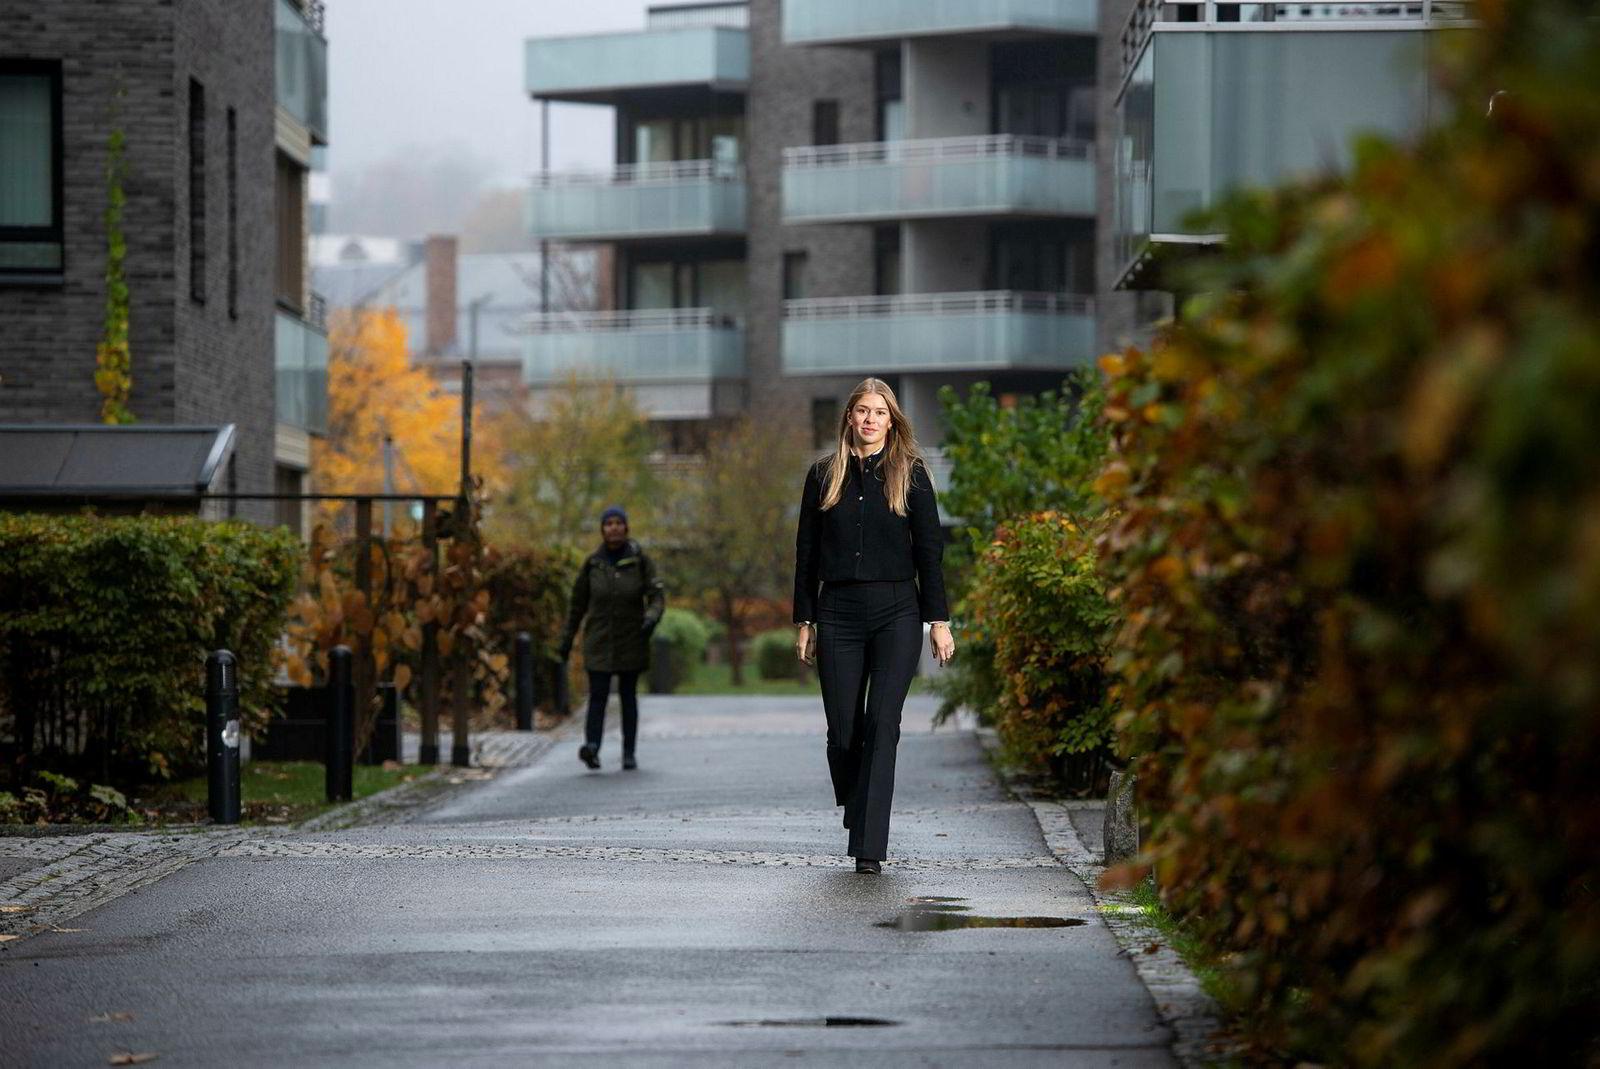 Siviløkonom Frid Svendsen (25) har fått ny jobb.